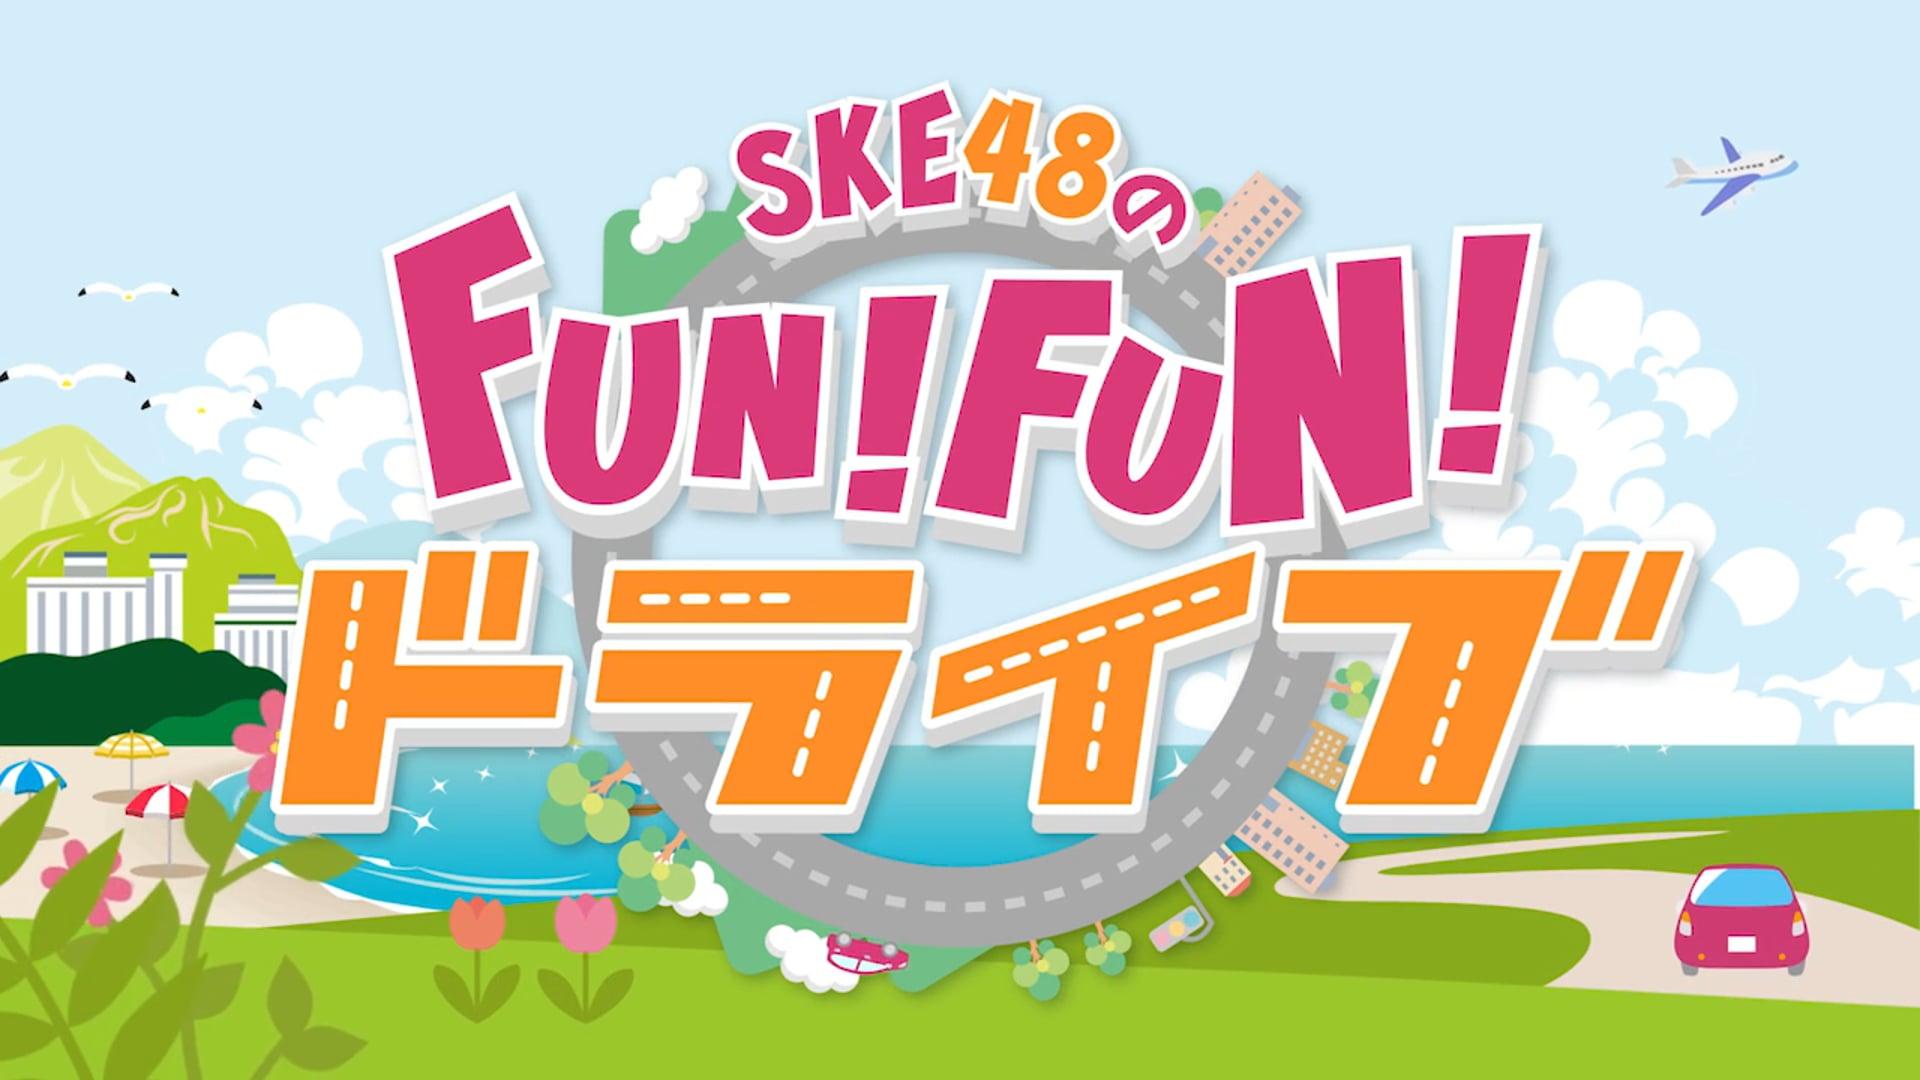 SKE48 FUNFUNドライブ TITLE CG